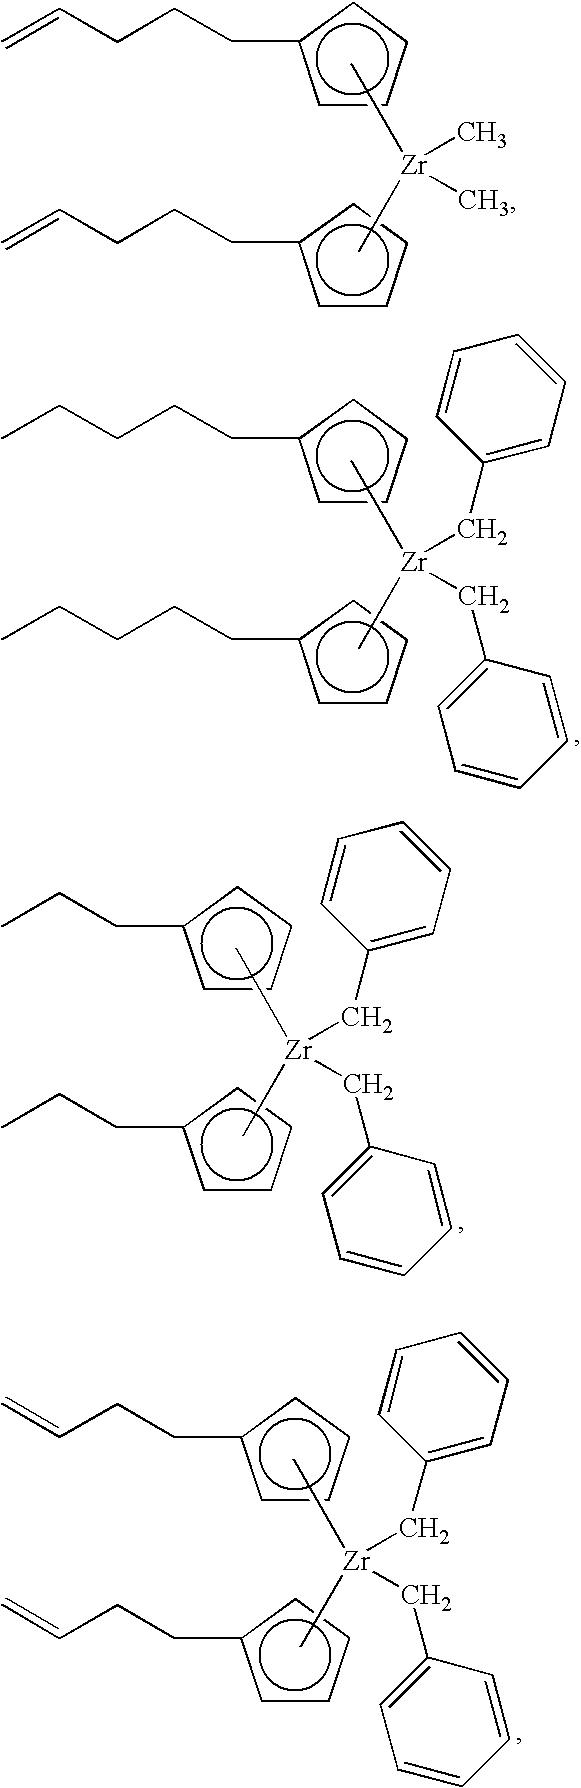 Figure US07619047-20091117-C00043